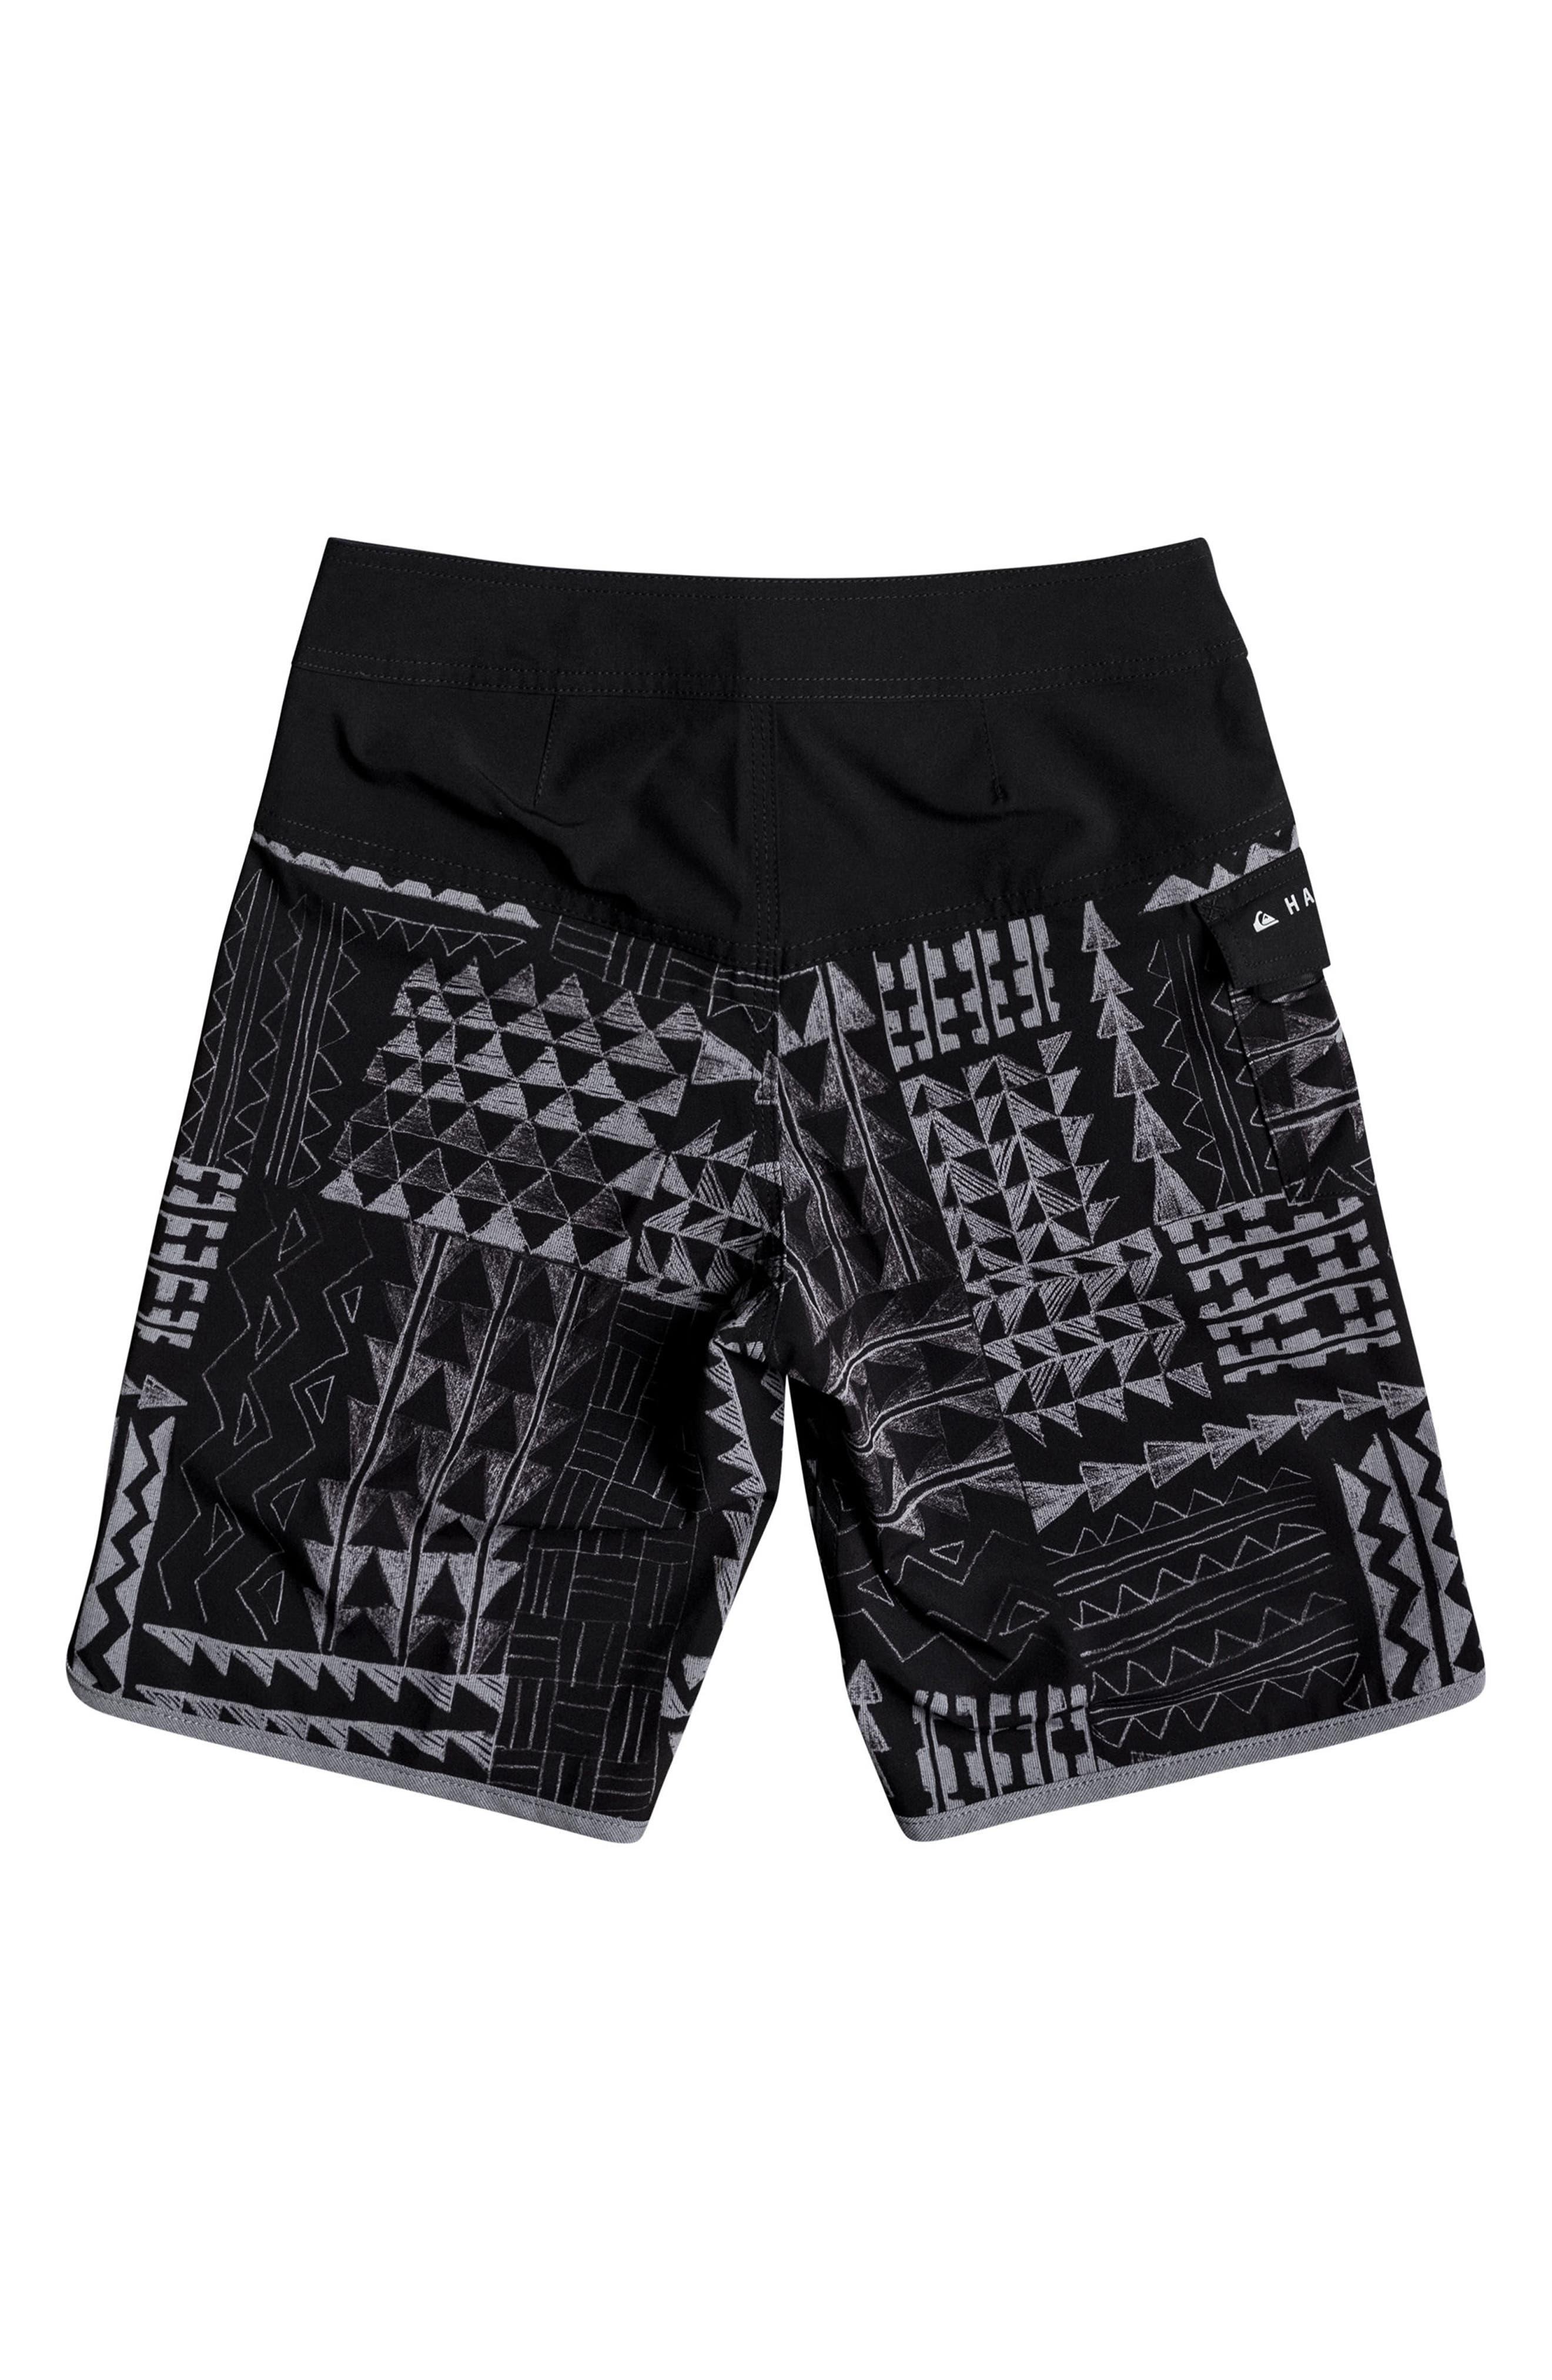 Hawaii Scallop Board Shorts,                             Alternate thumbnail 2, color,                             Black